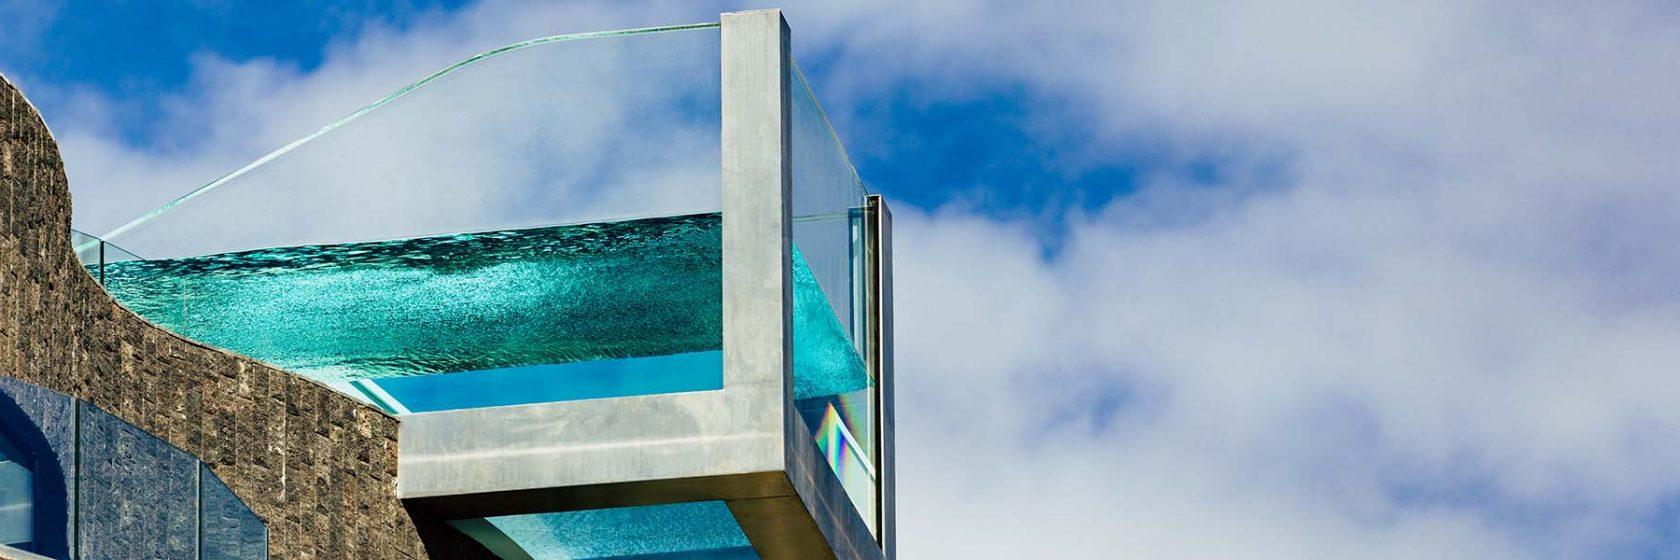 Holland Aqua Sight